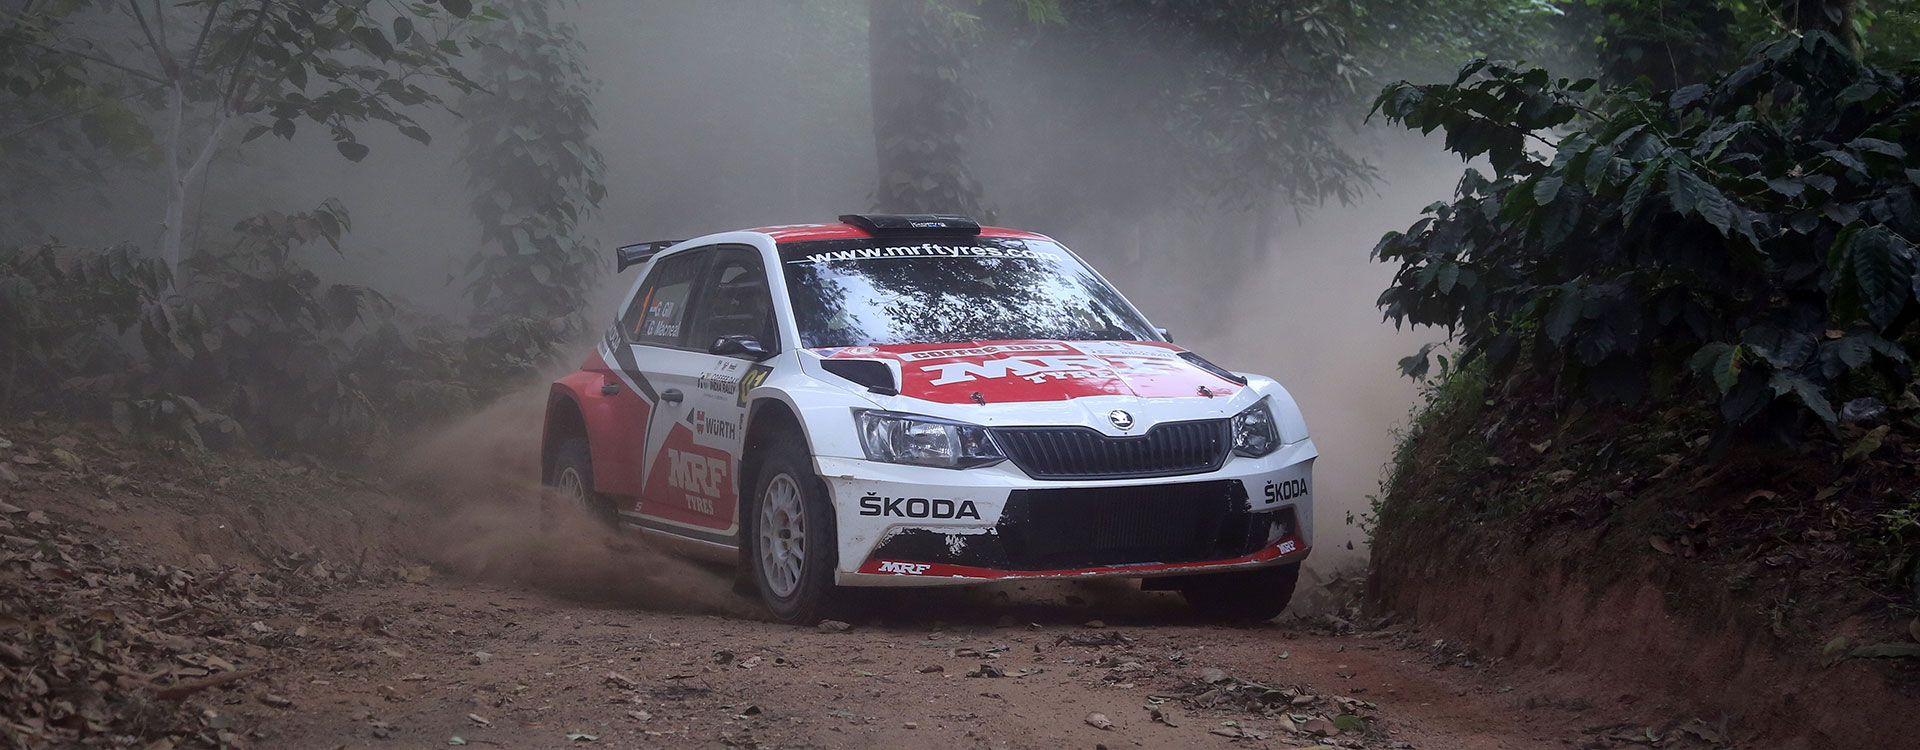 PHOTO: ŠKODA MRF Team at the India Rally 2016